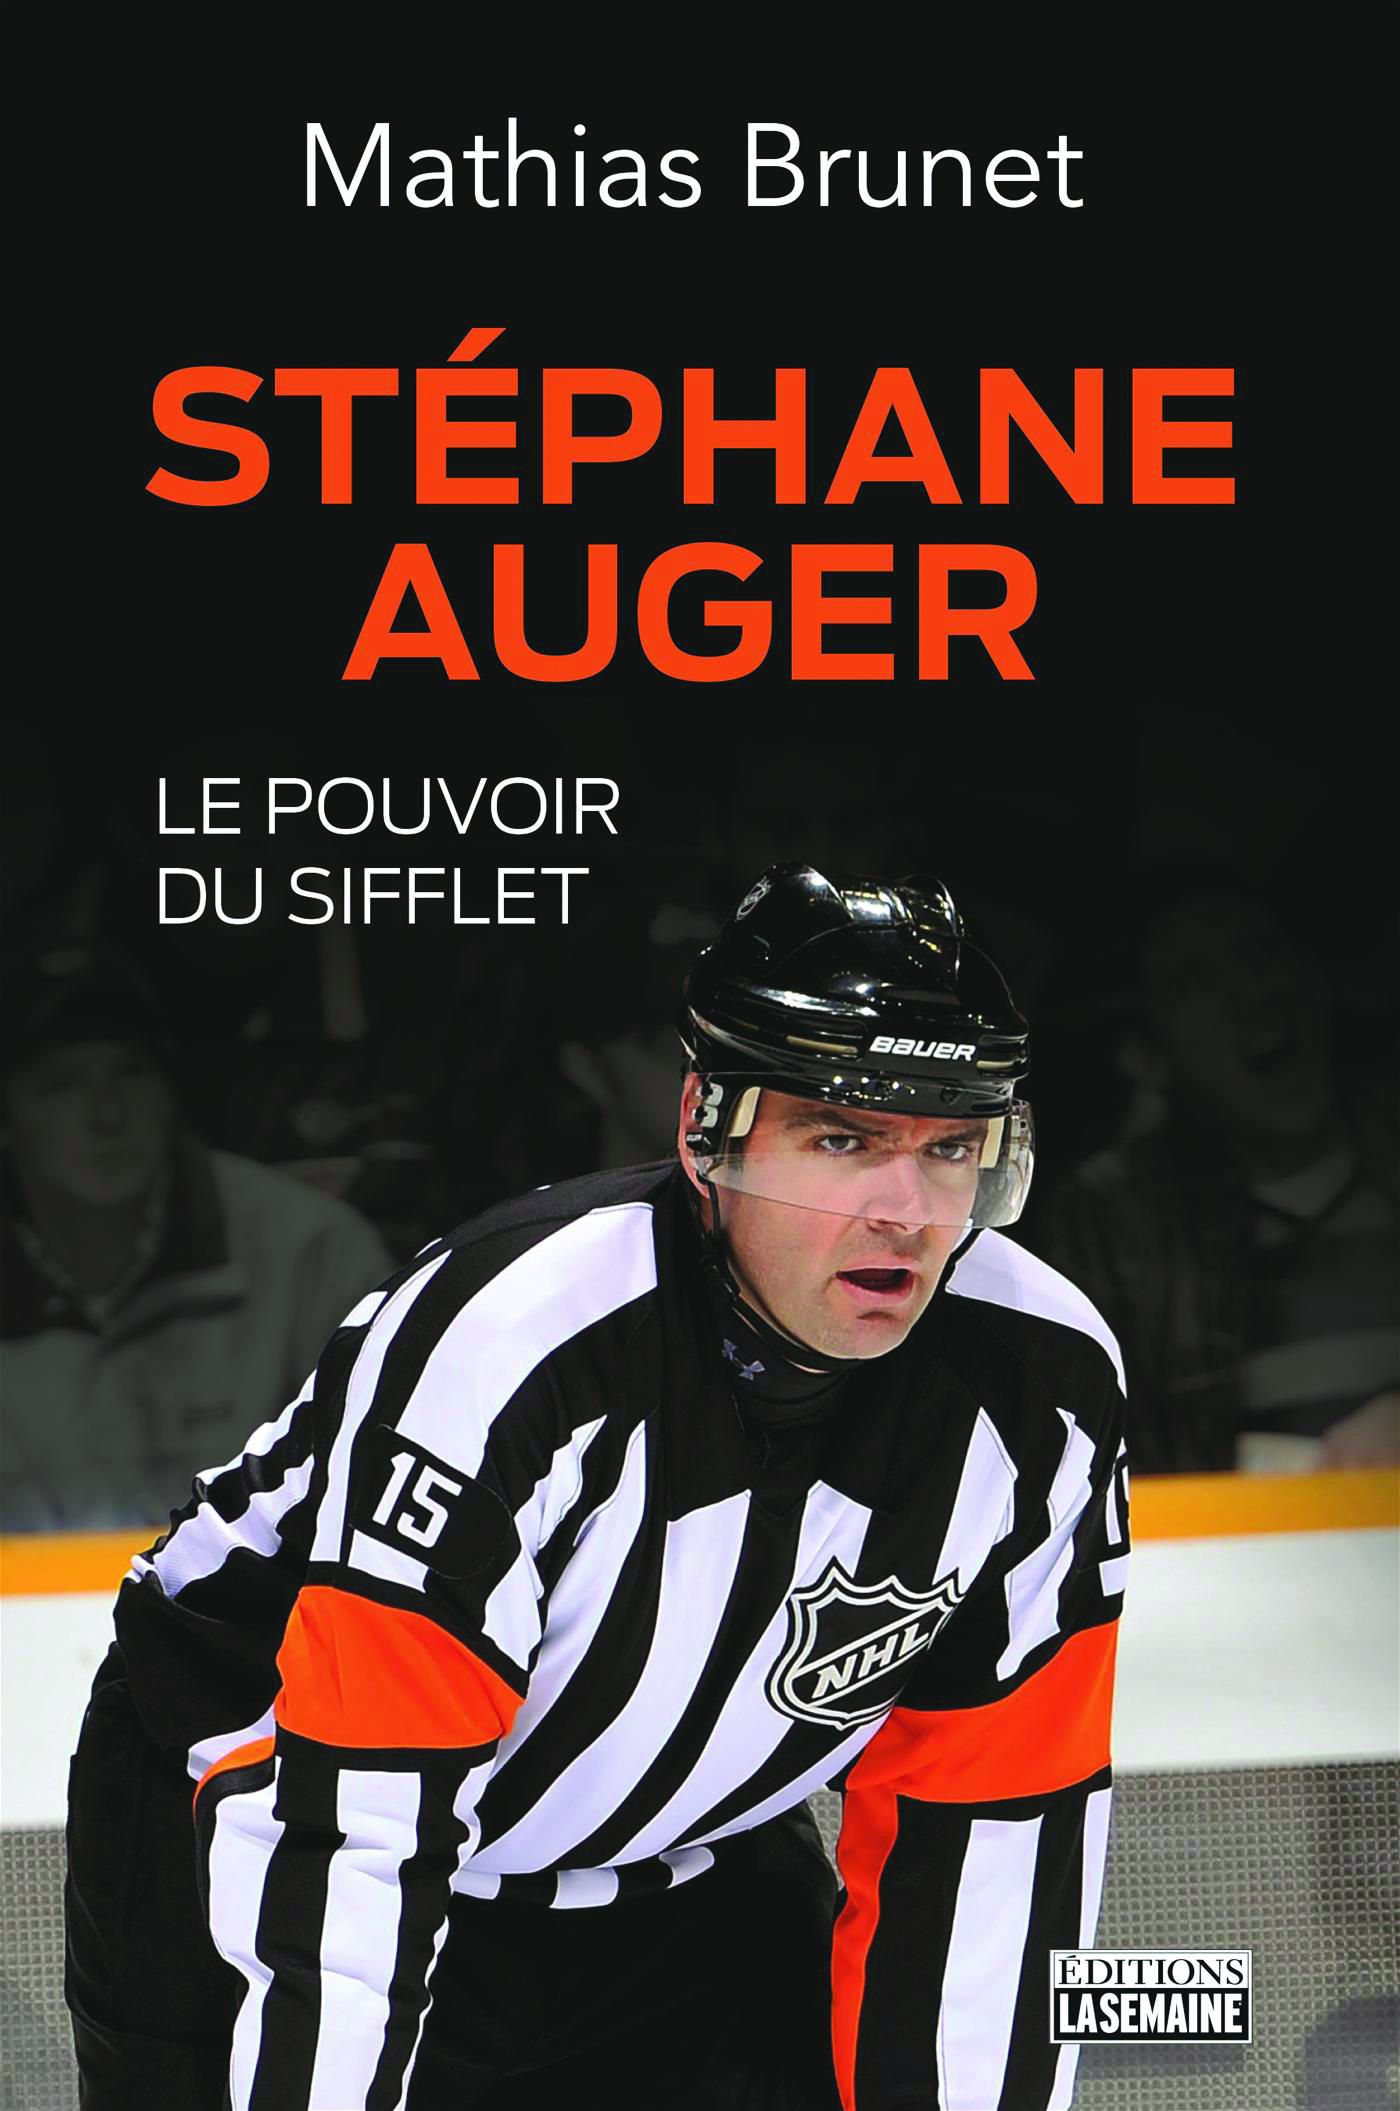 Le_pouvoir_du_sifflet_-_Stephane_Auger.jpg (1.95 MB)